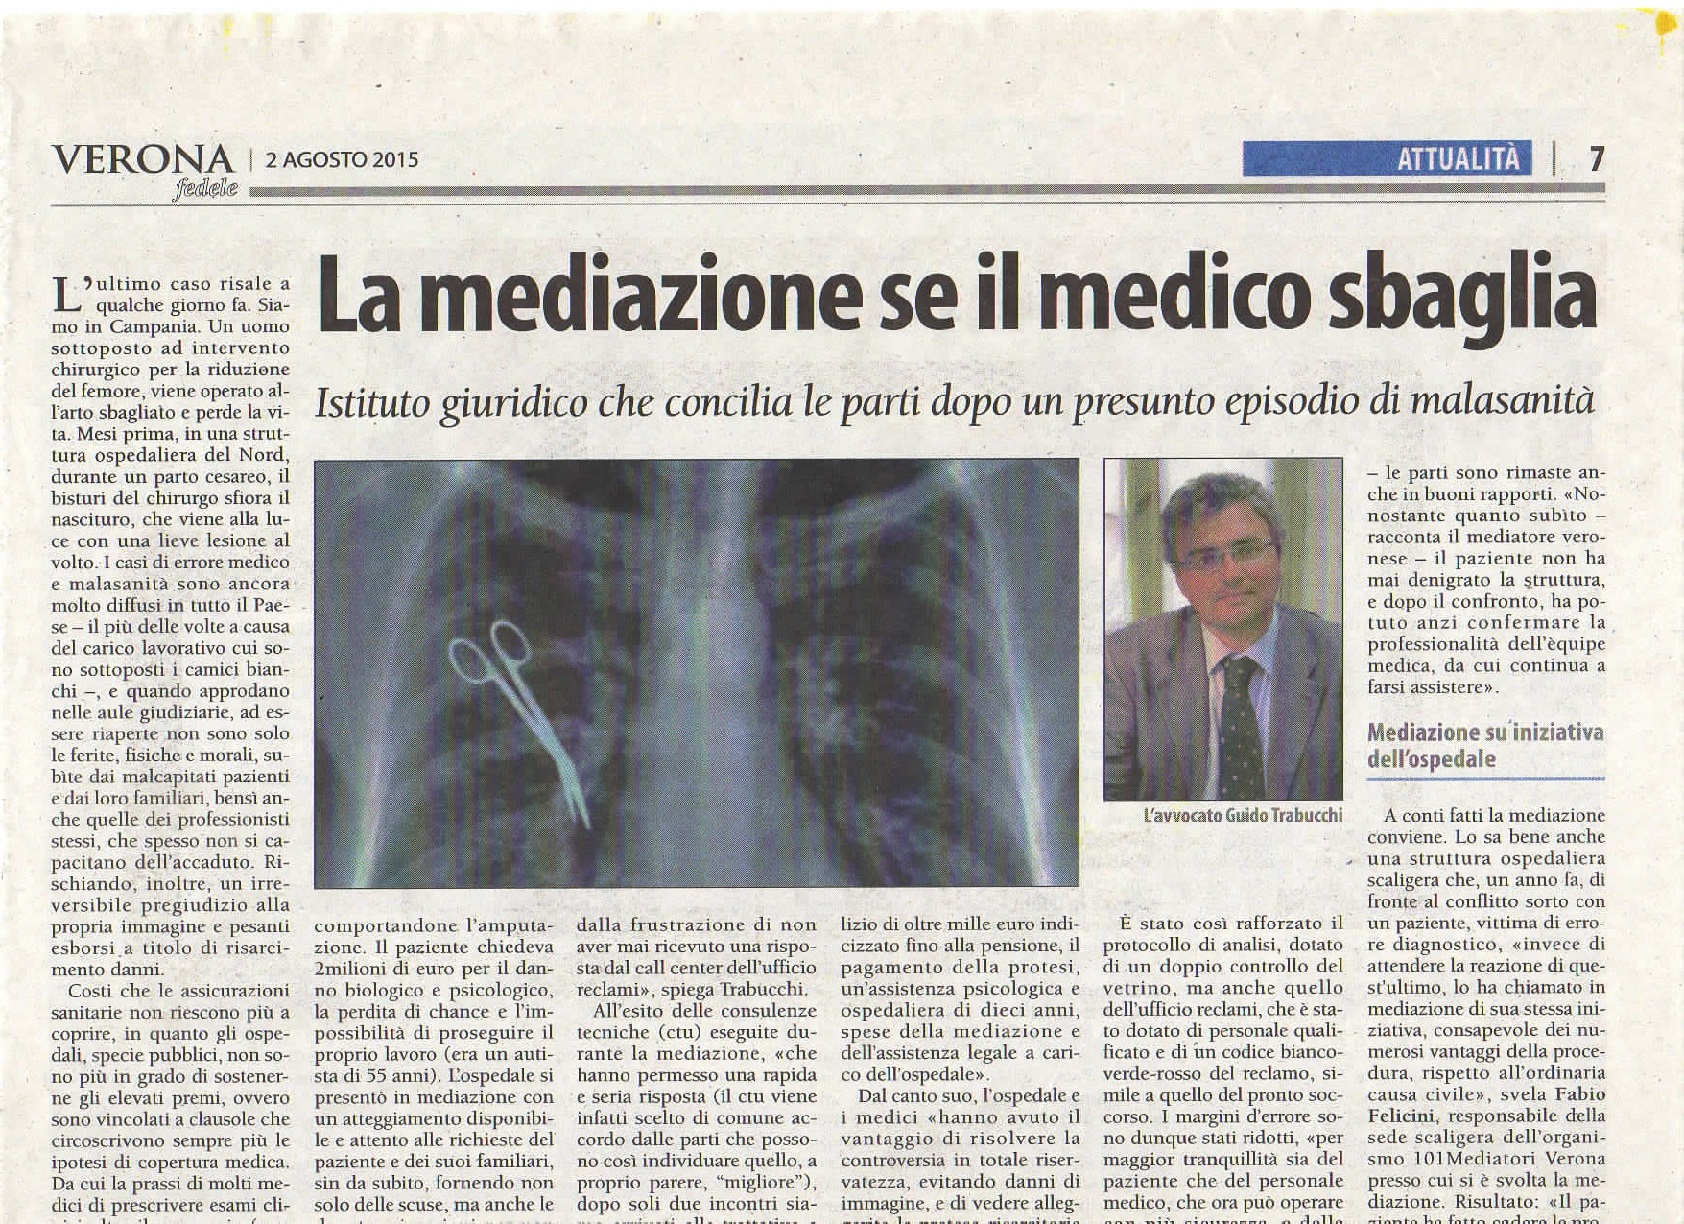 Articolo di giornale con radiografia